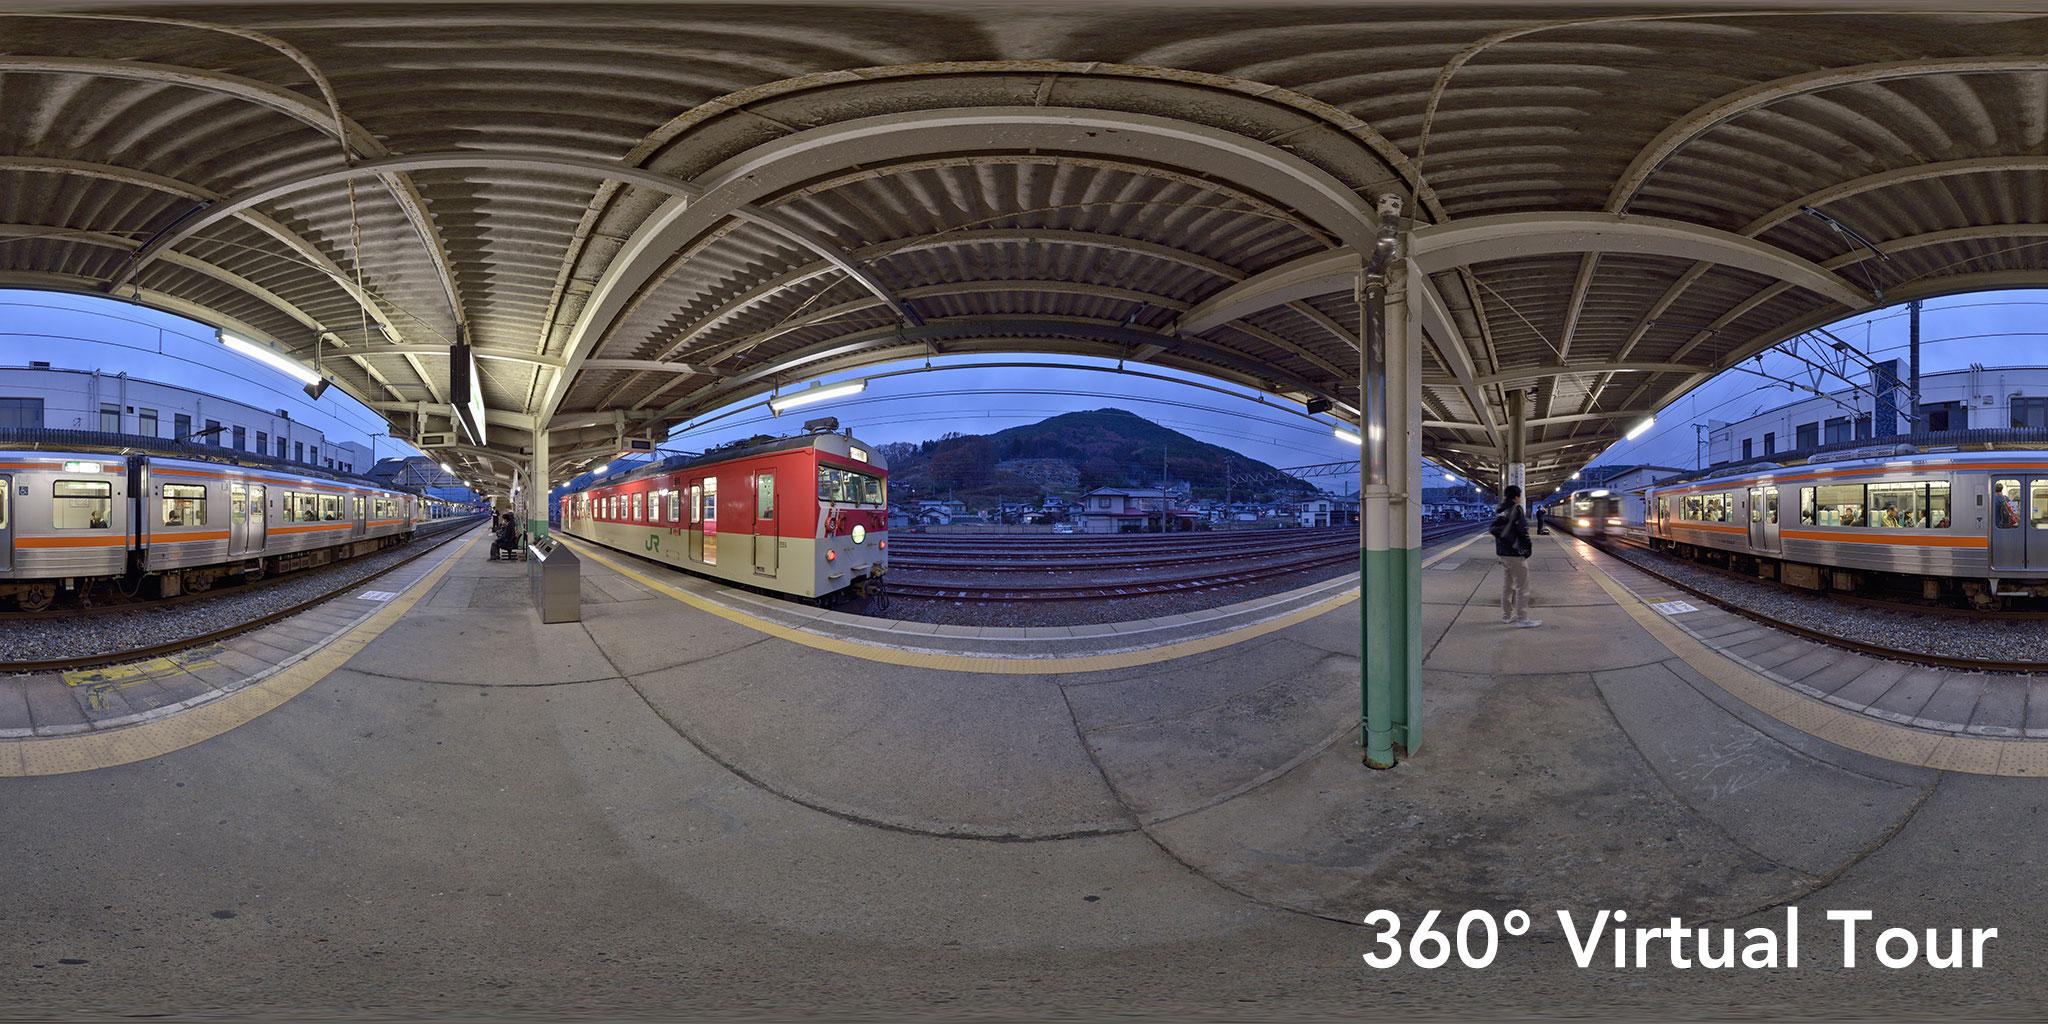 ミニエコーの旅 360度パノラマ バーチャル・ツアー